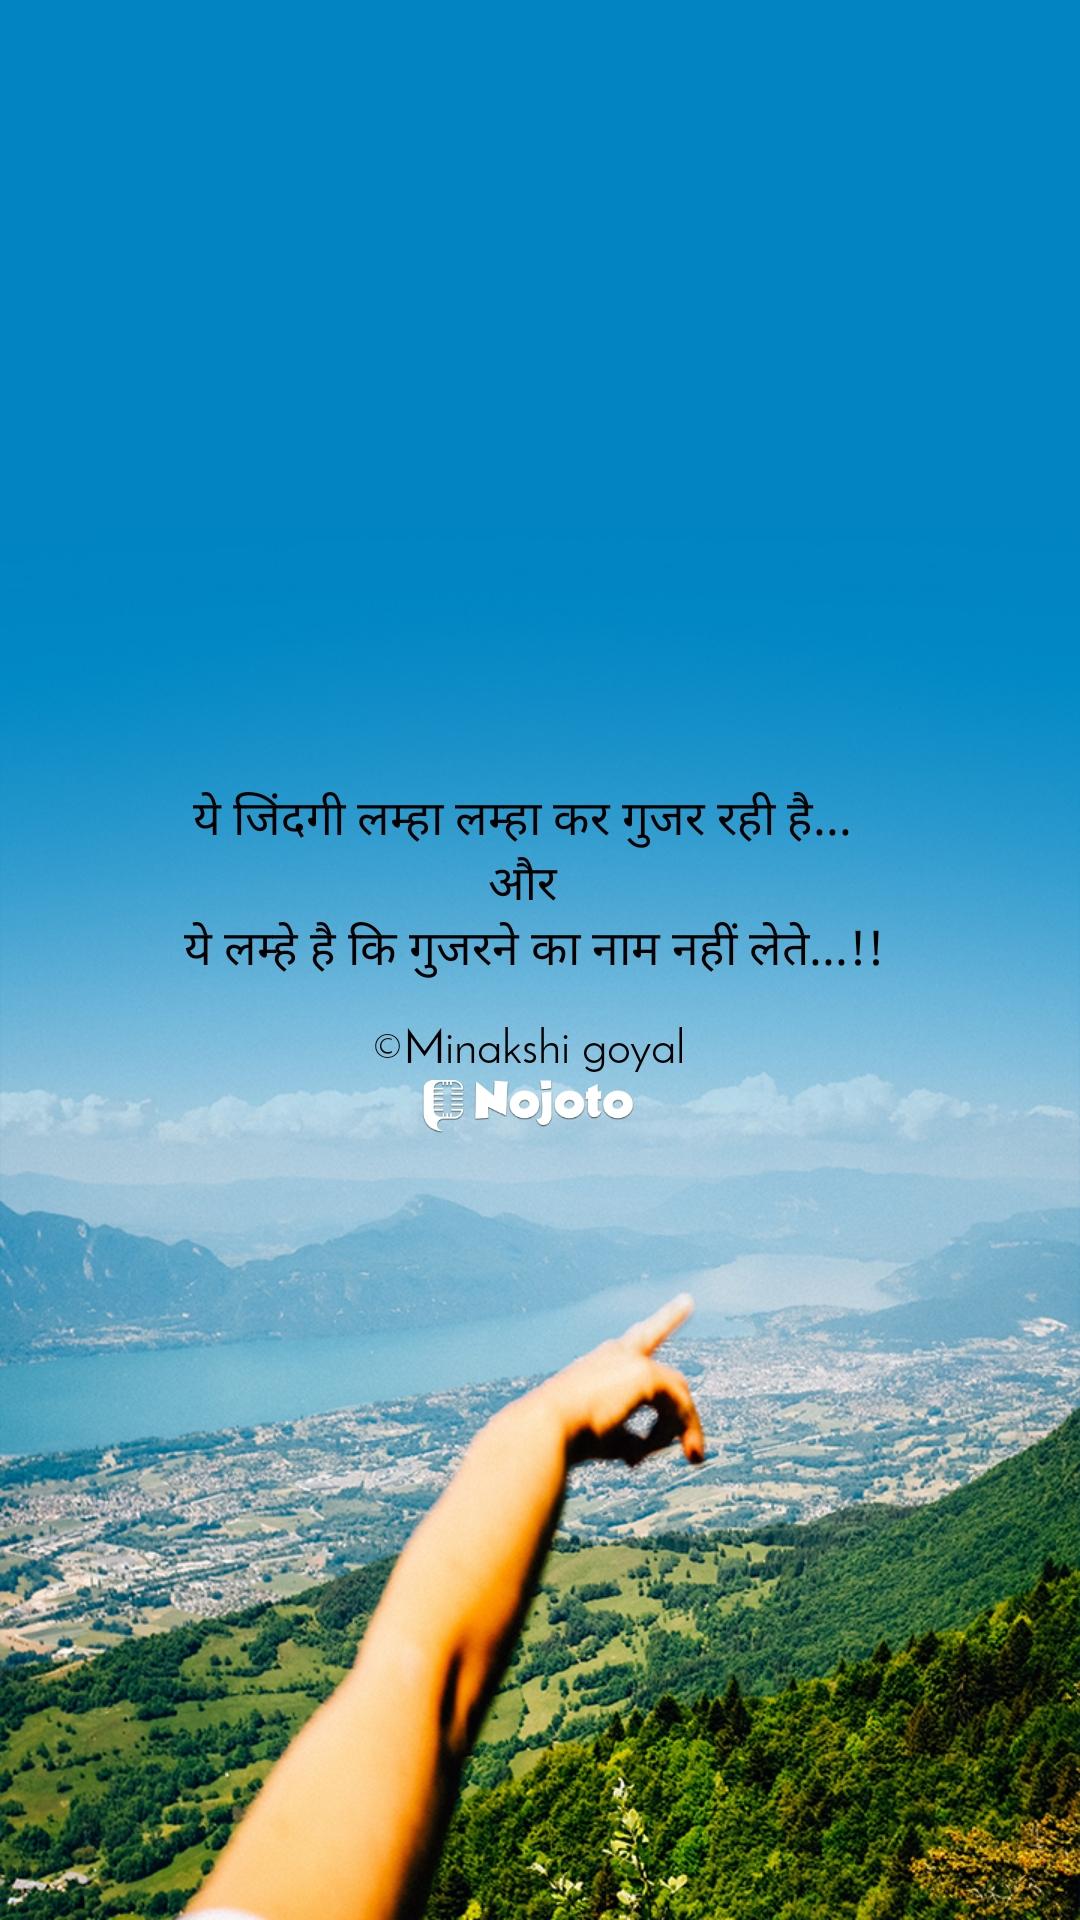 ये जिंदगी लम्हा लम्हा कर गुजर रही है...  और   ये लम्हे है कि गुजरने का नाम नहीं लेते...!!  ©Minakshi goyal